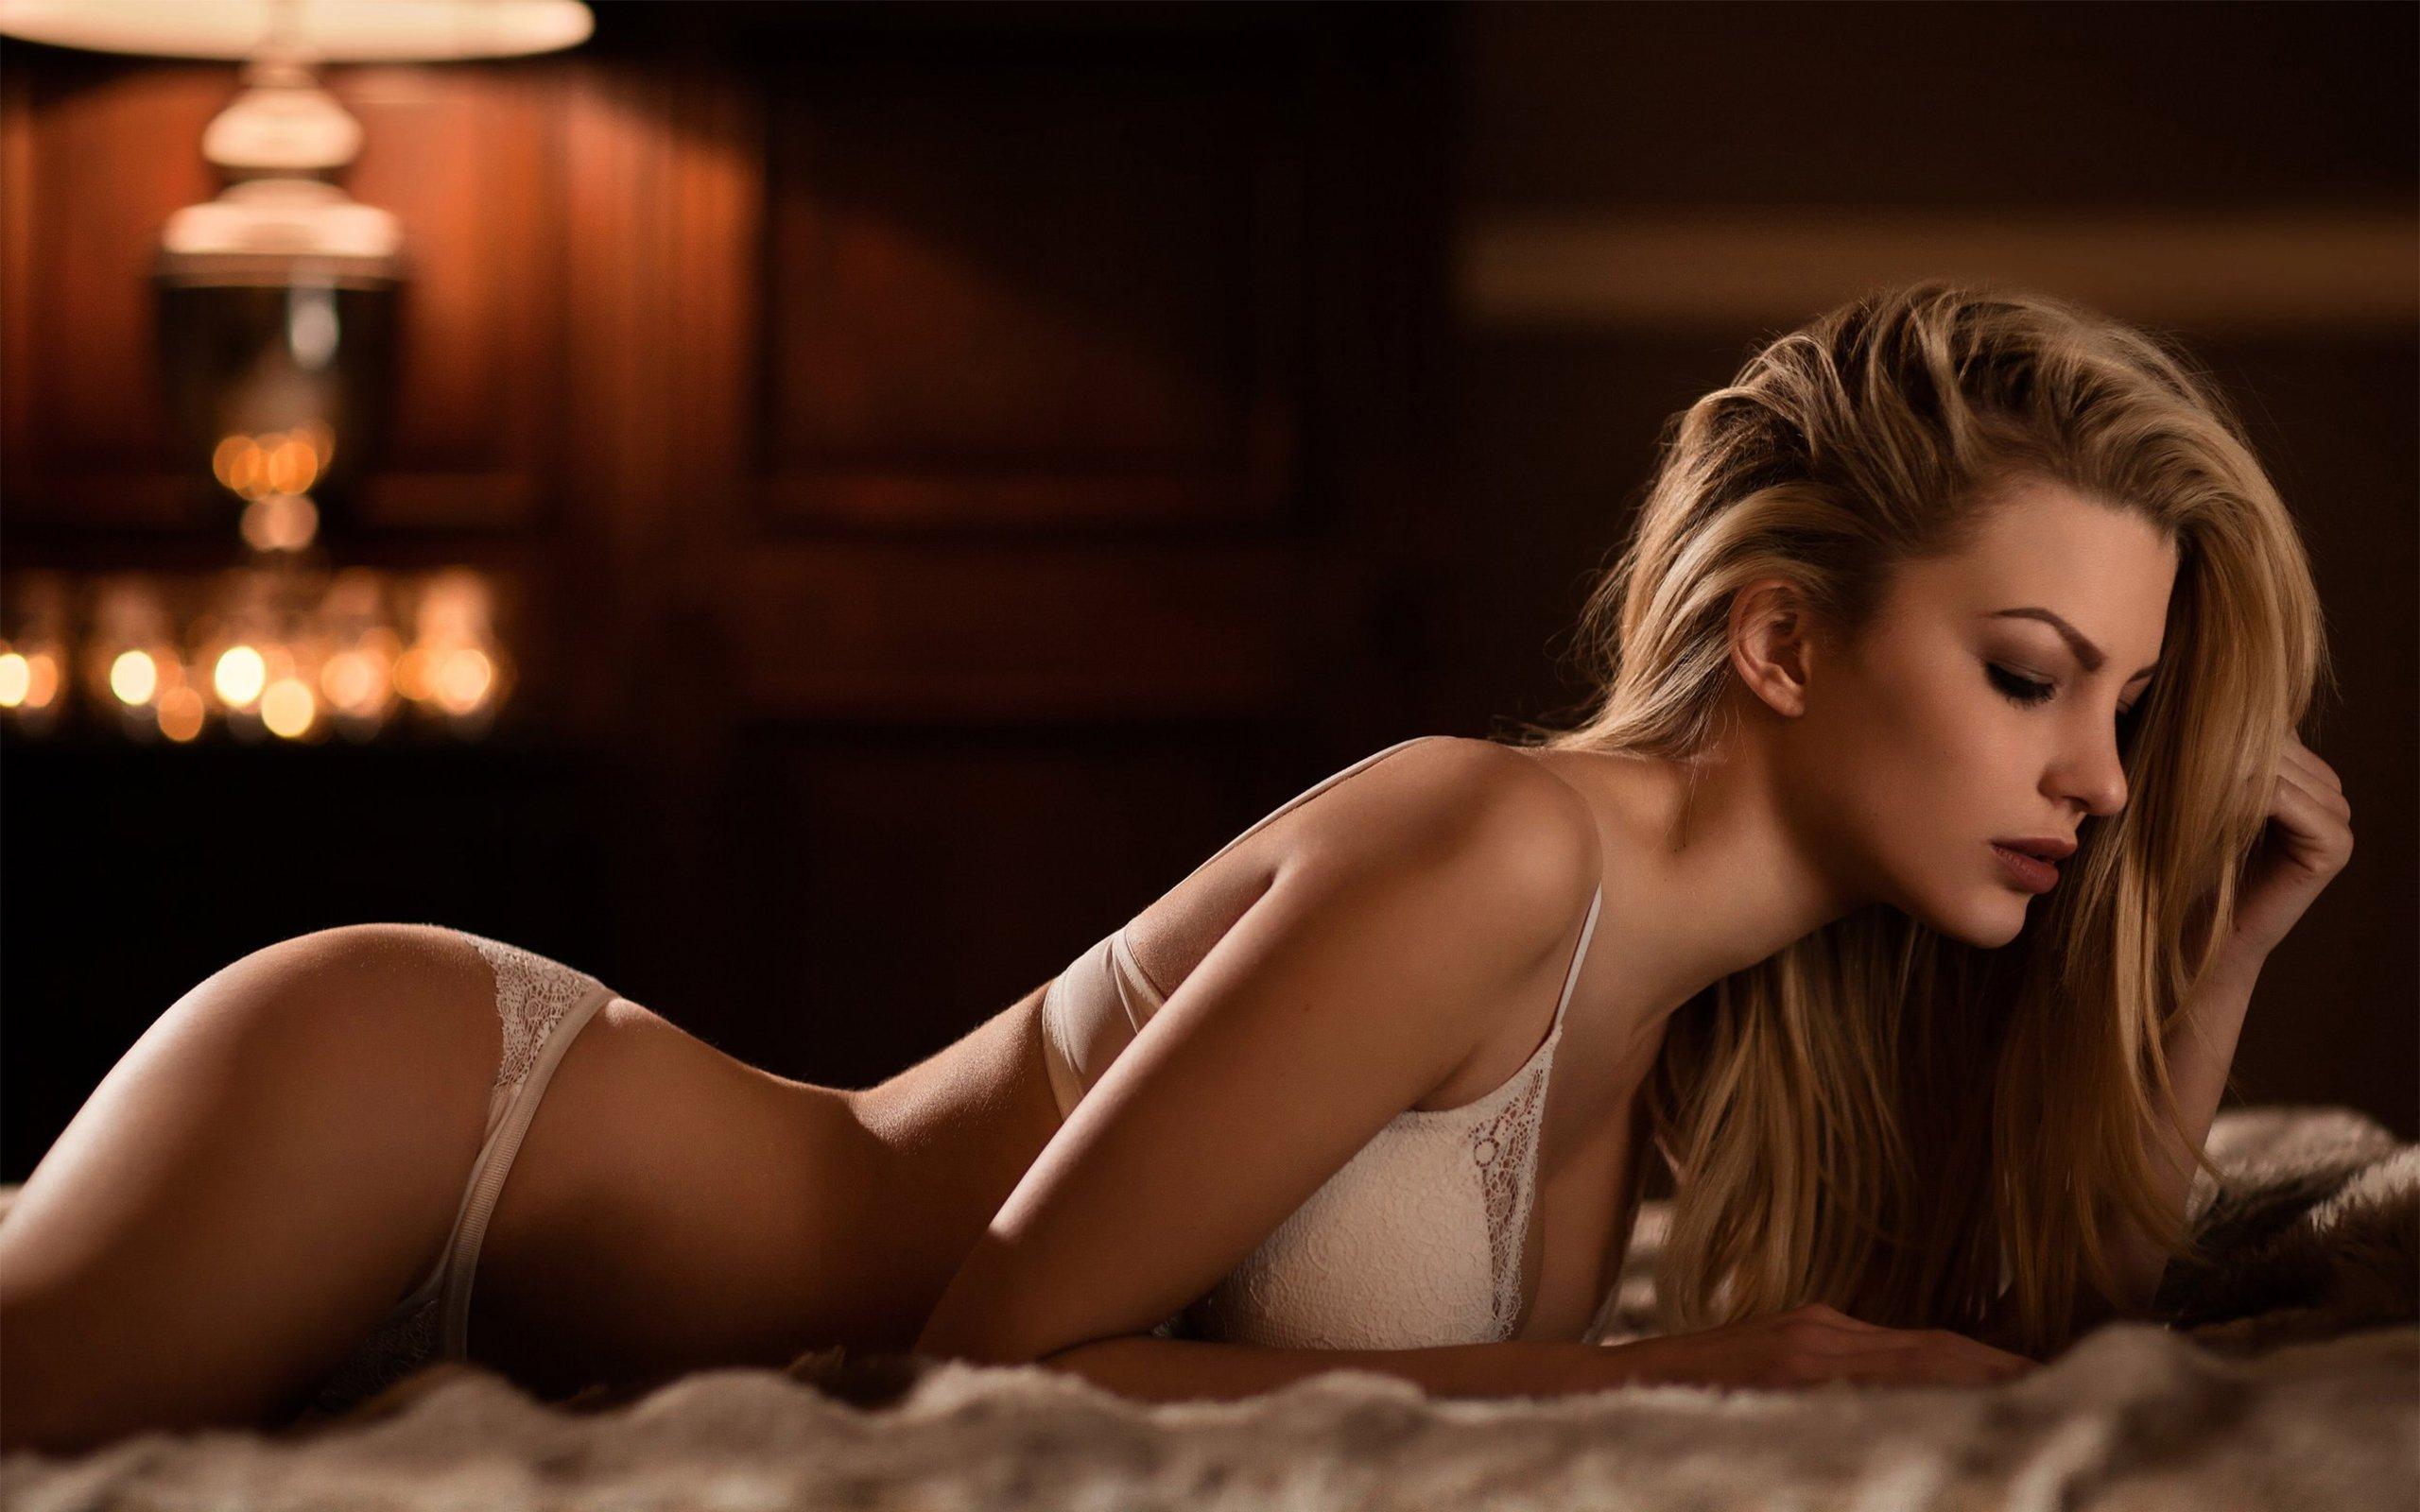 Эротические картинки полуголых красивых девушек, лучшие порно фото с мобильного